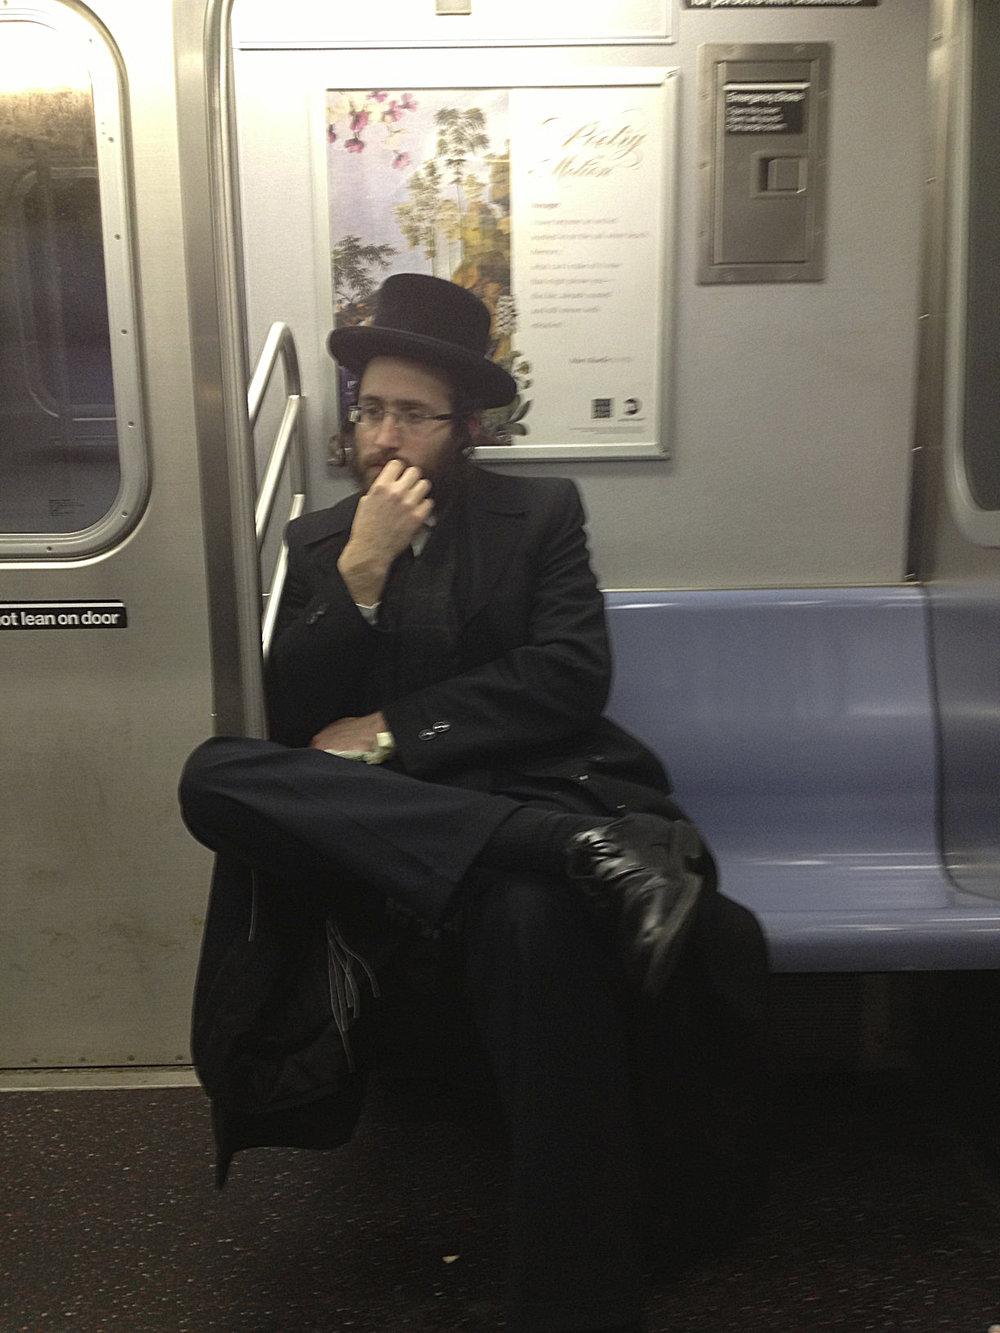 waters_FT_Jewish.Orthodox.man.14.jpg